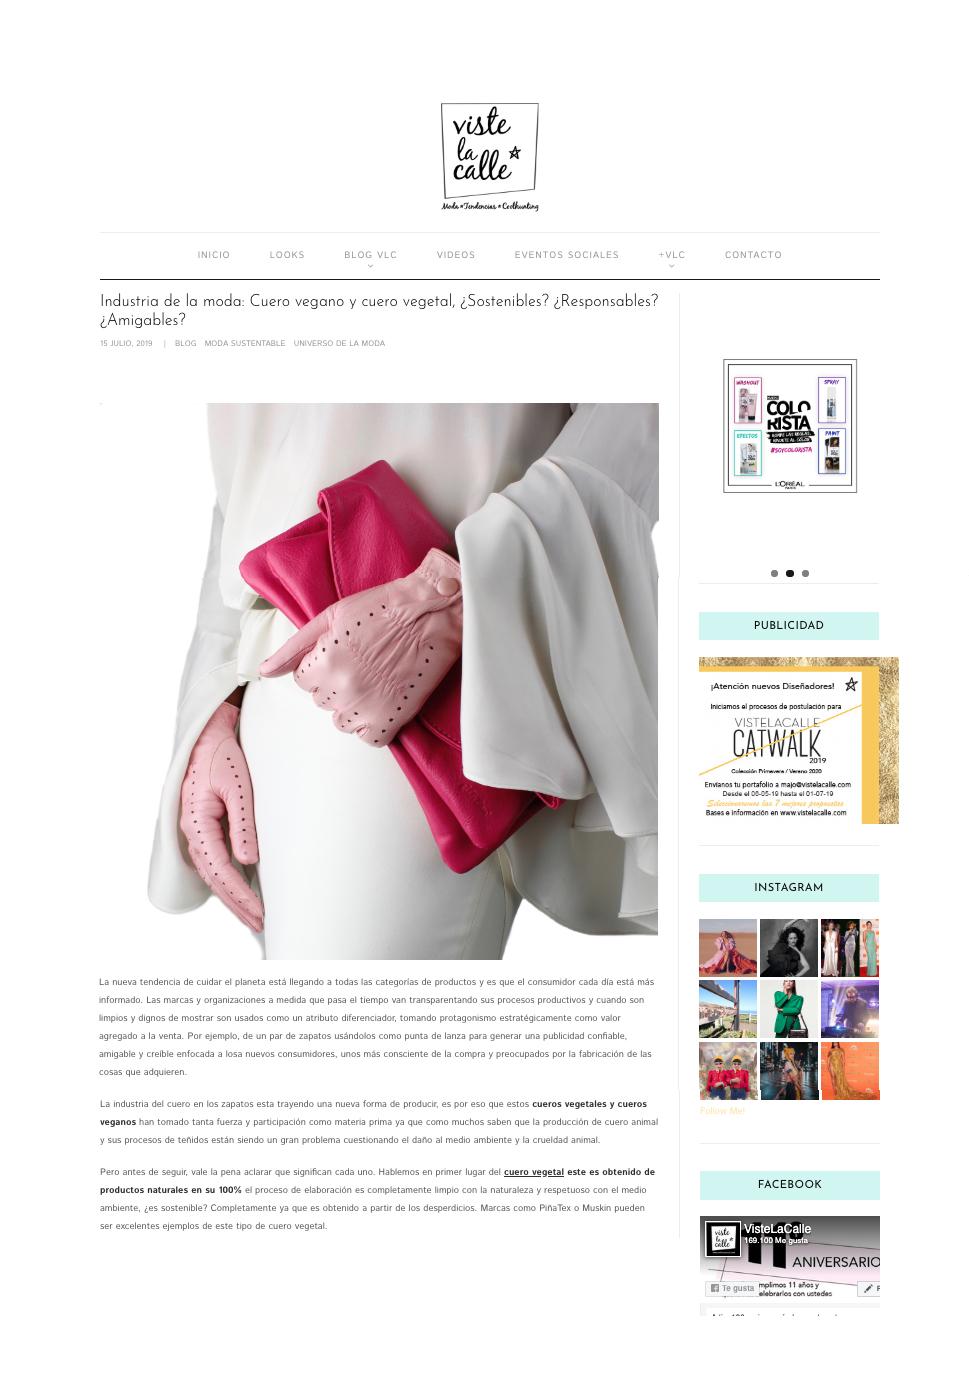 bloggera chilena  columnista de moda en chile - pamela victoria - pamela victoria experta en moda en chile - experta en moda sustentable - cuero vegano - cuero sustentable- es sustentable el cuero